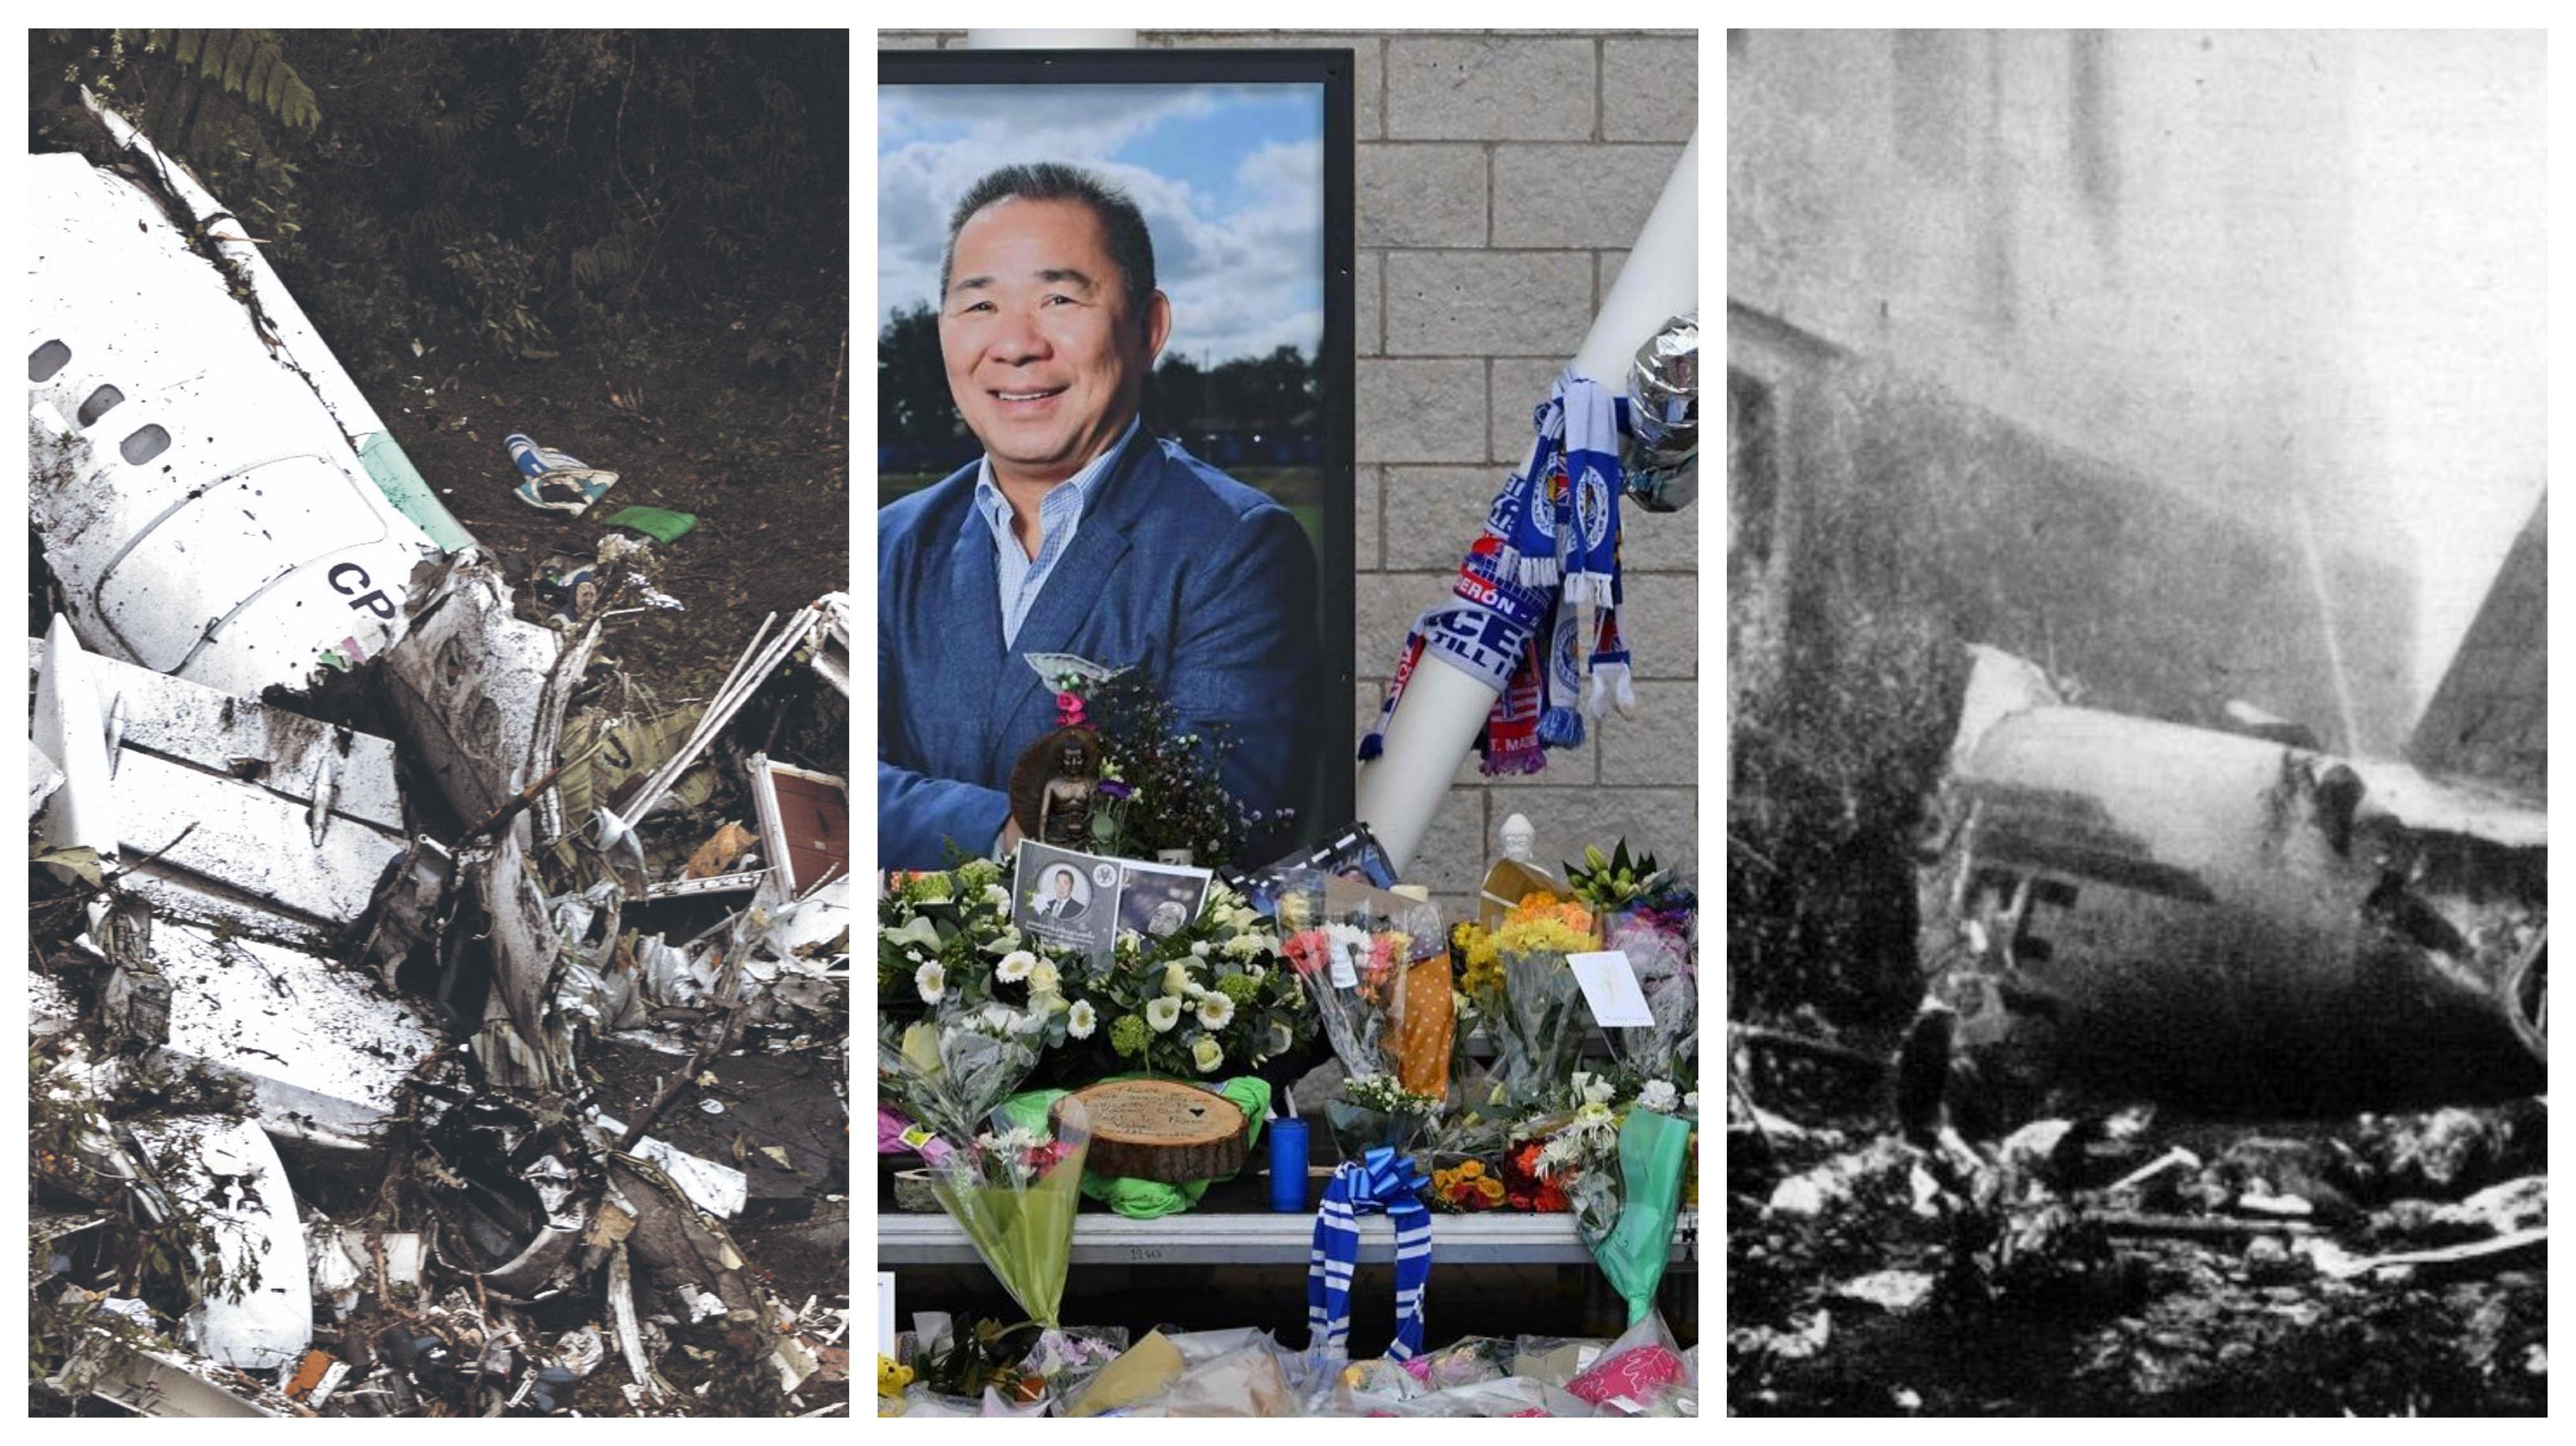 El mundo del deporte ha estado de luto por diferentes accidentes aéreos. (Foto Prensa Libre: Hemeroteca PL y TheFlagrants)